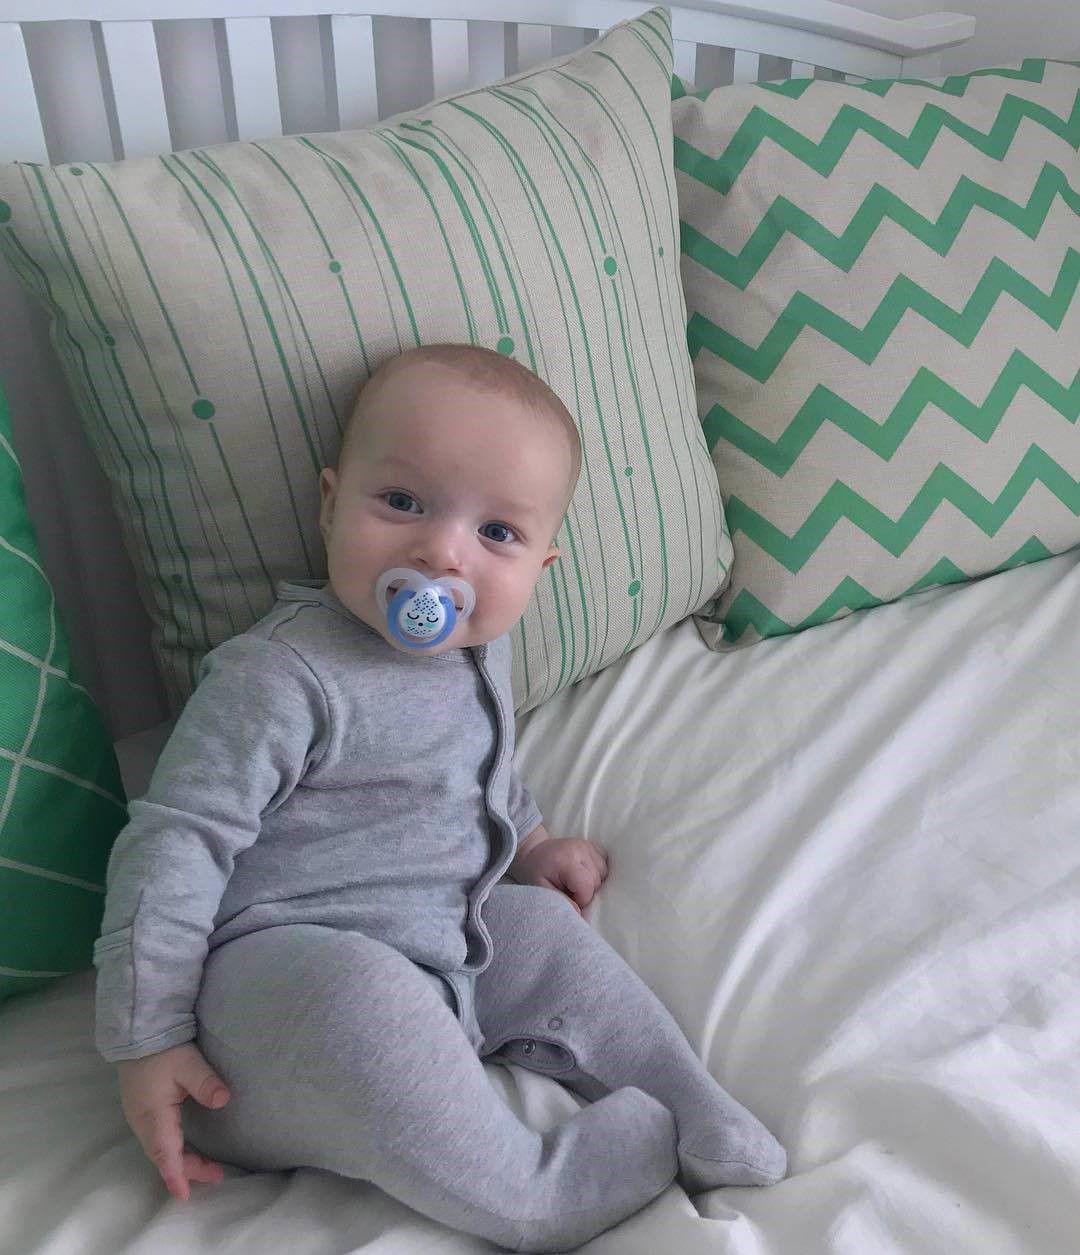 Ty ngậm dạ quang cho bé Tommee Tippee Night Time 0-6 tháng (vỉ 2 cái) - Xanh